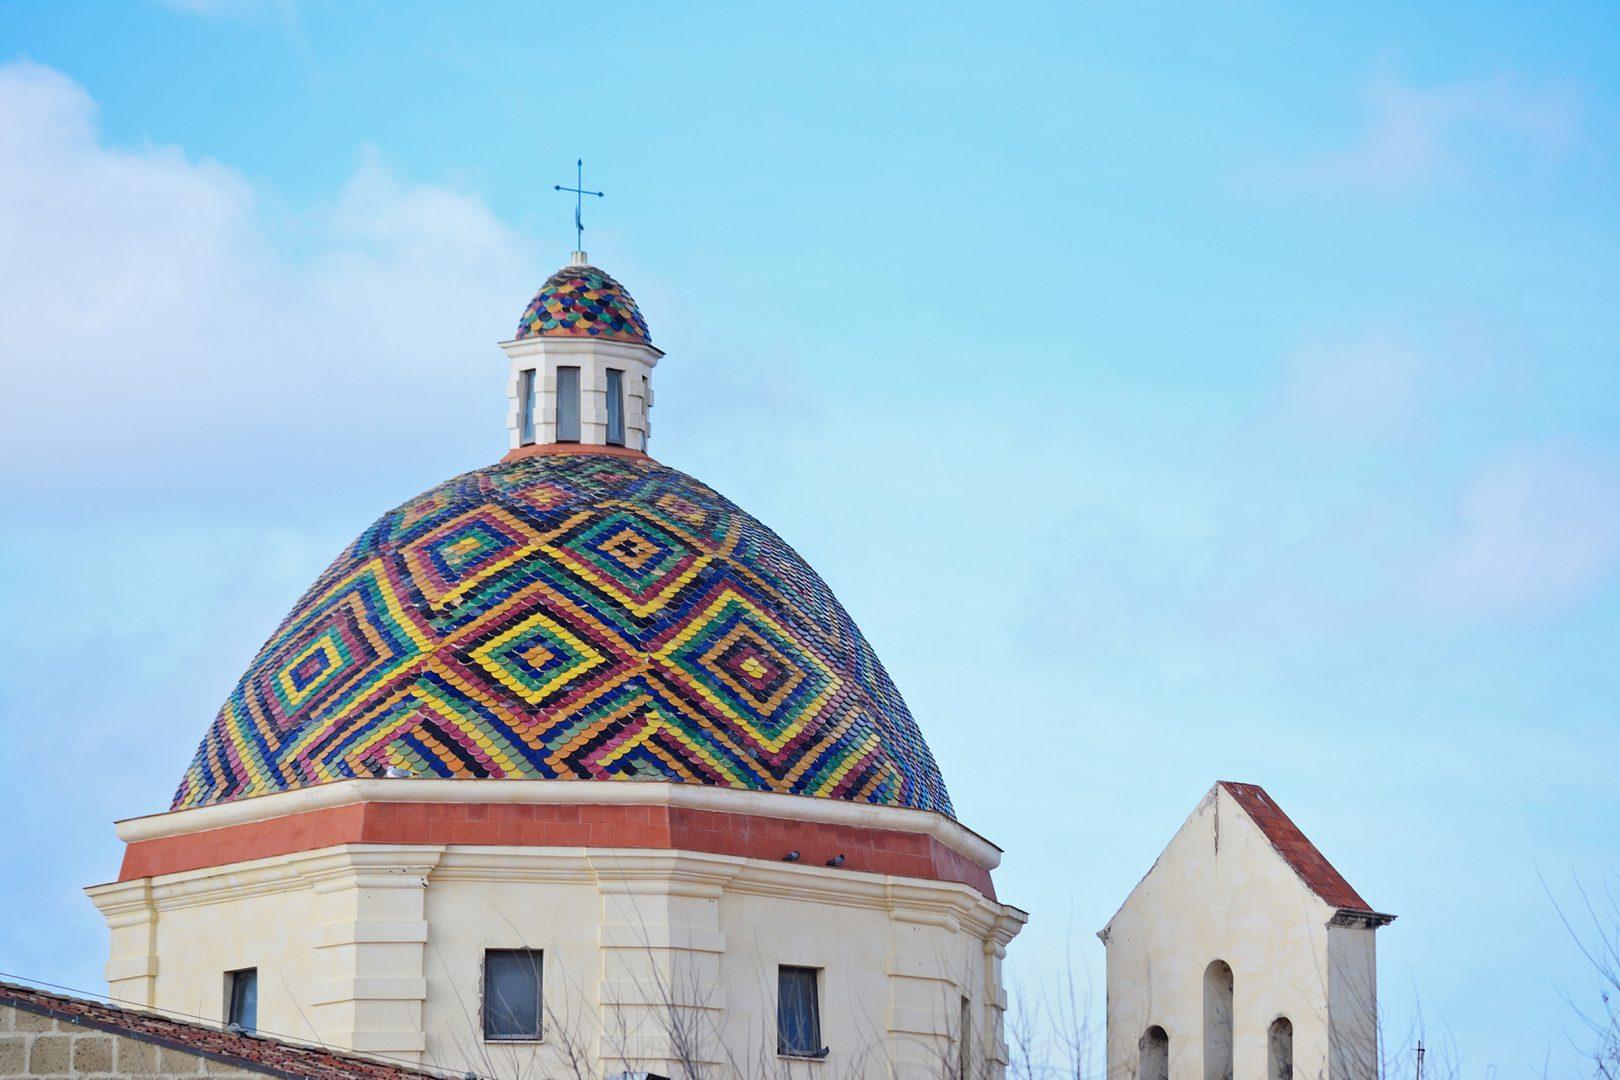 Alghero Cathedral